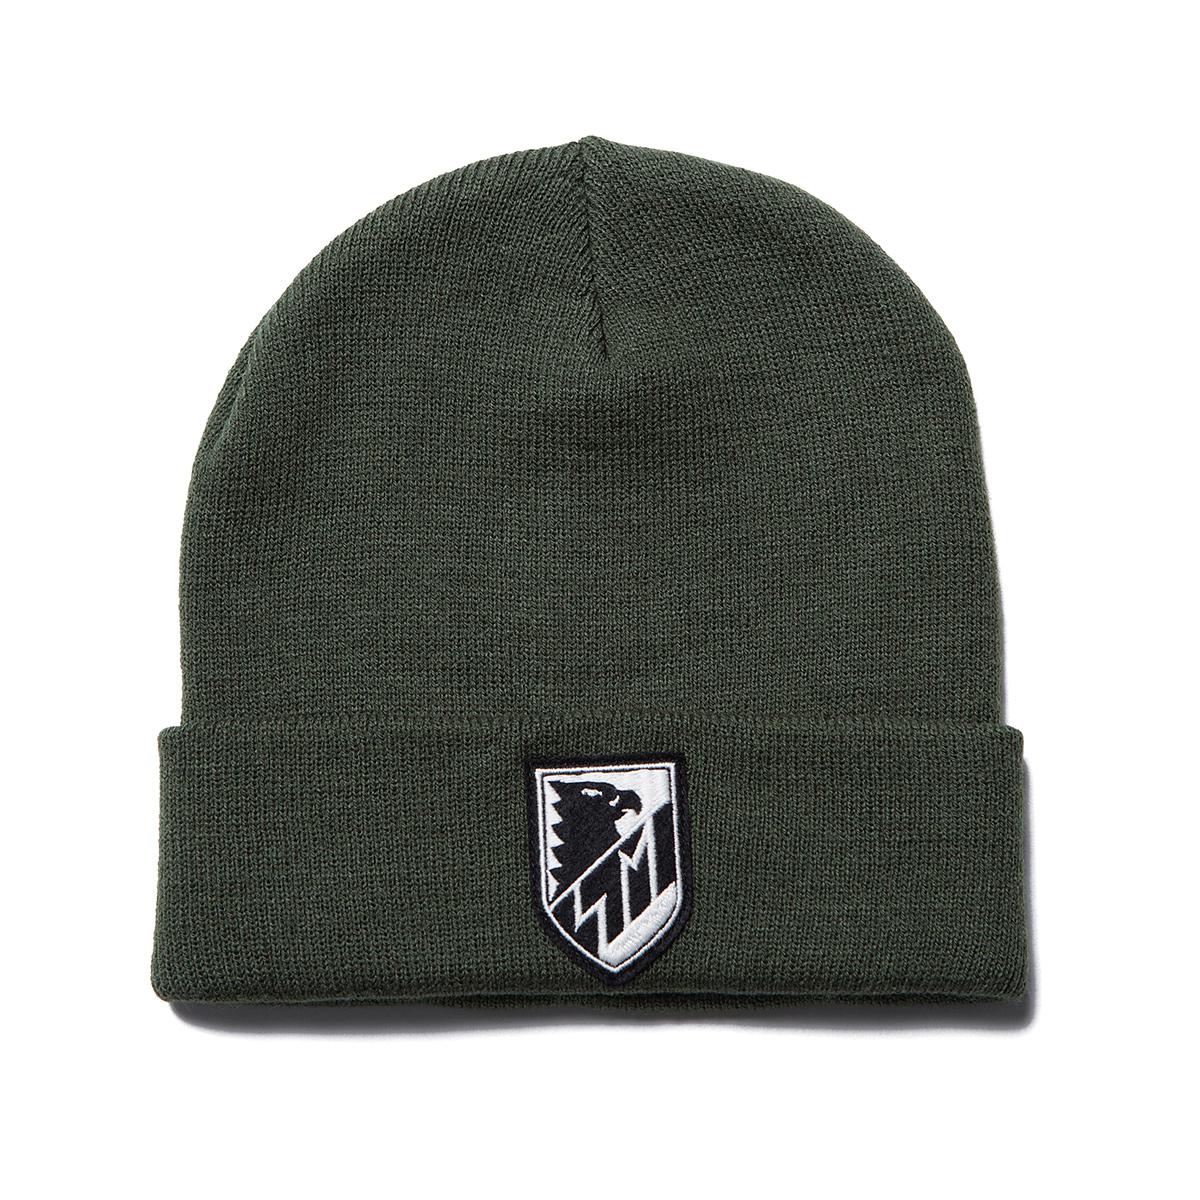 TROOPS KNIT CAP